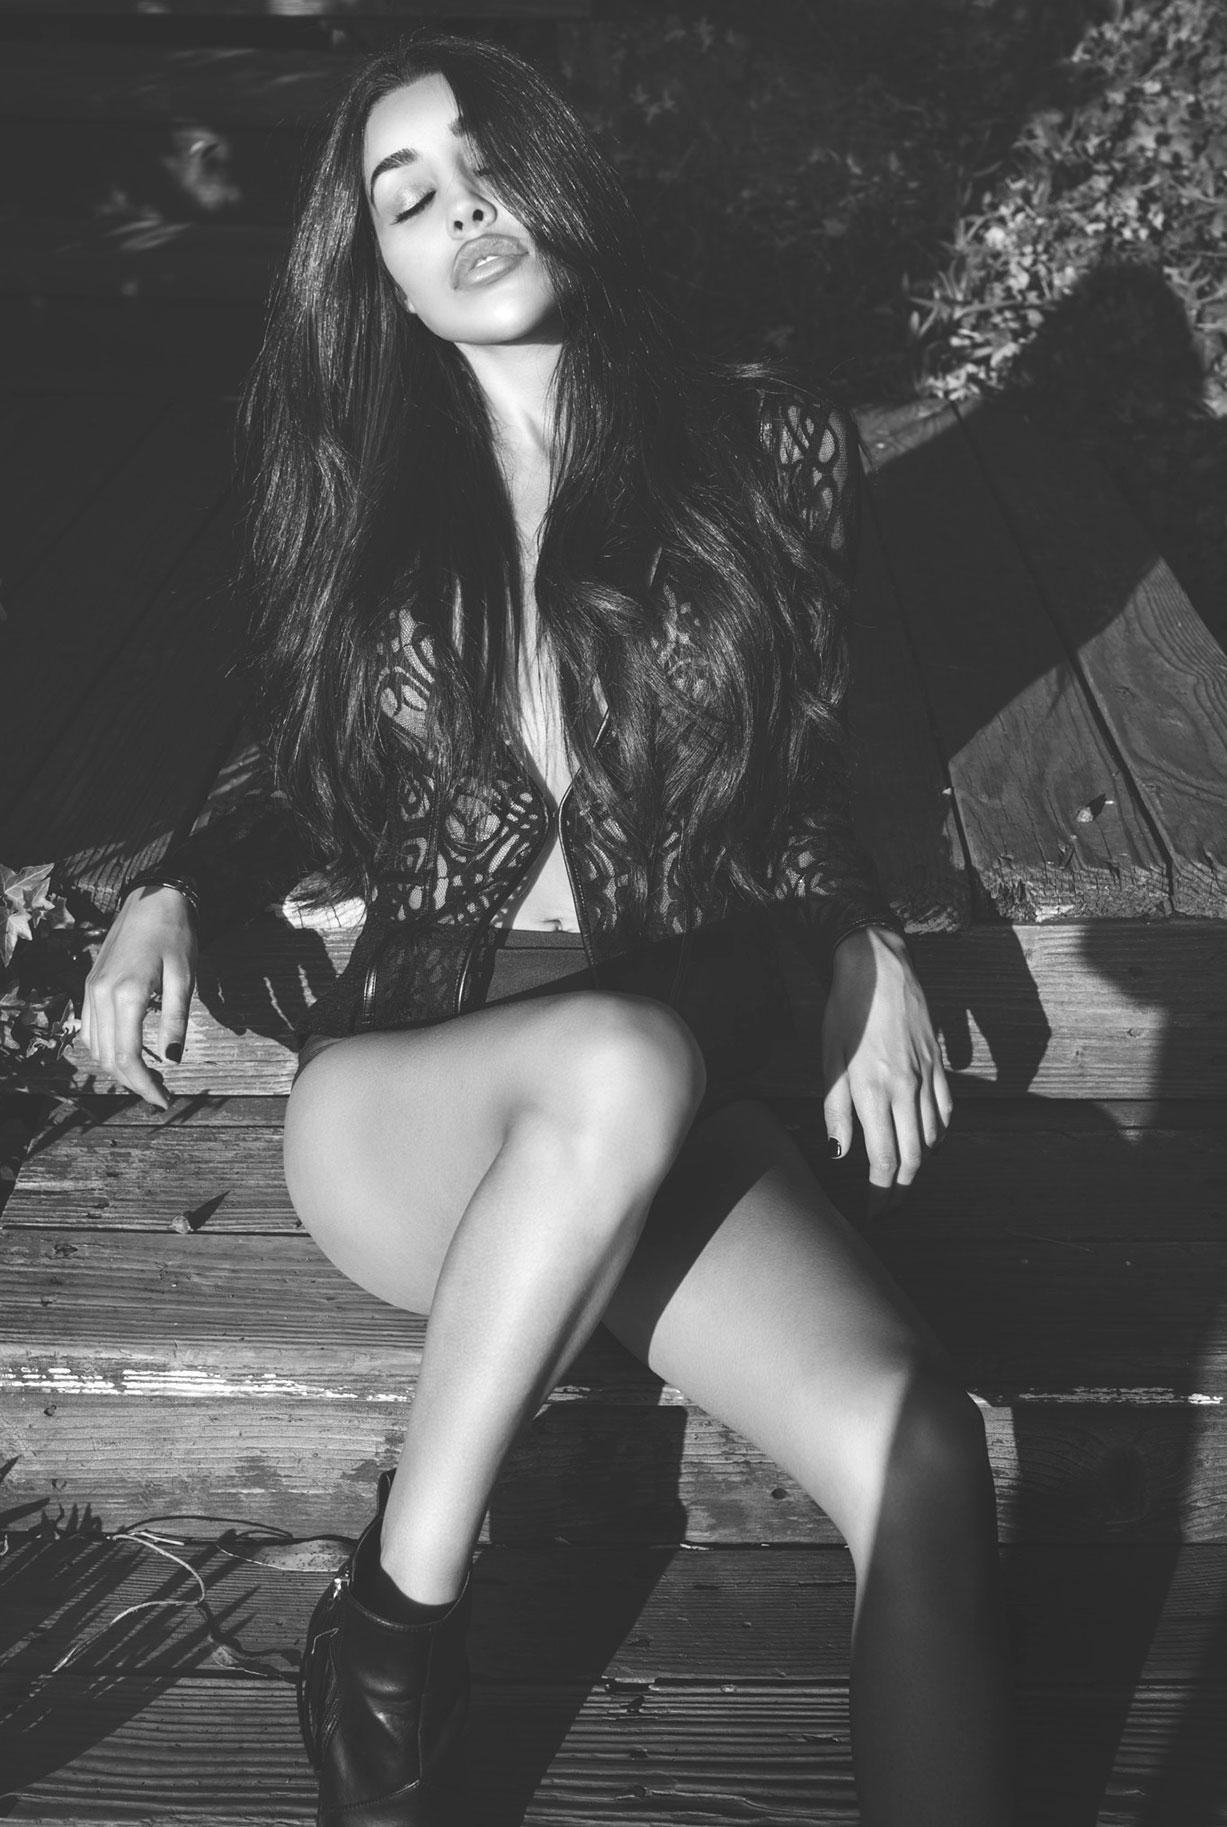 ливанская фотомодель Соня Круз, фотограф Кристос Сьюэлл / фото 02